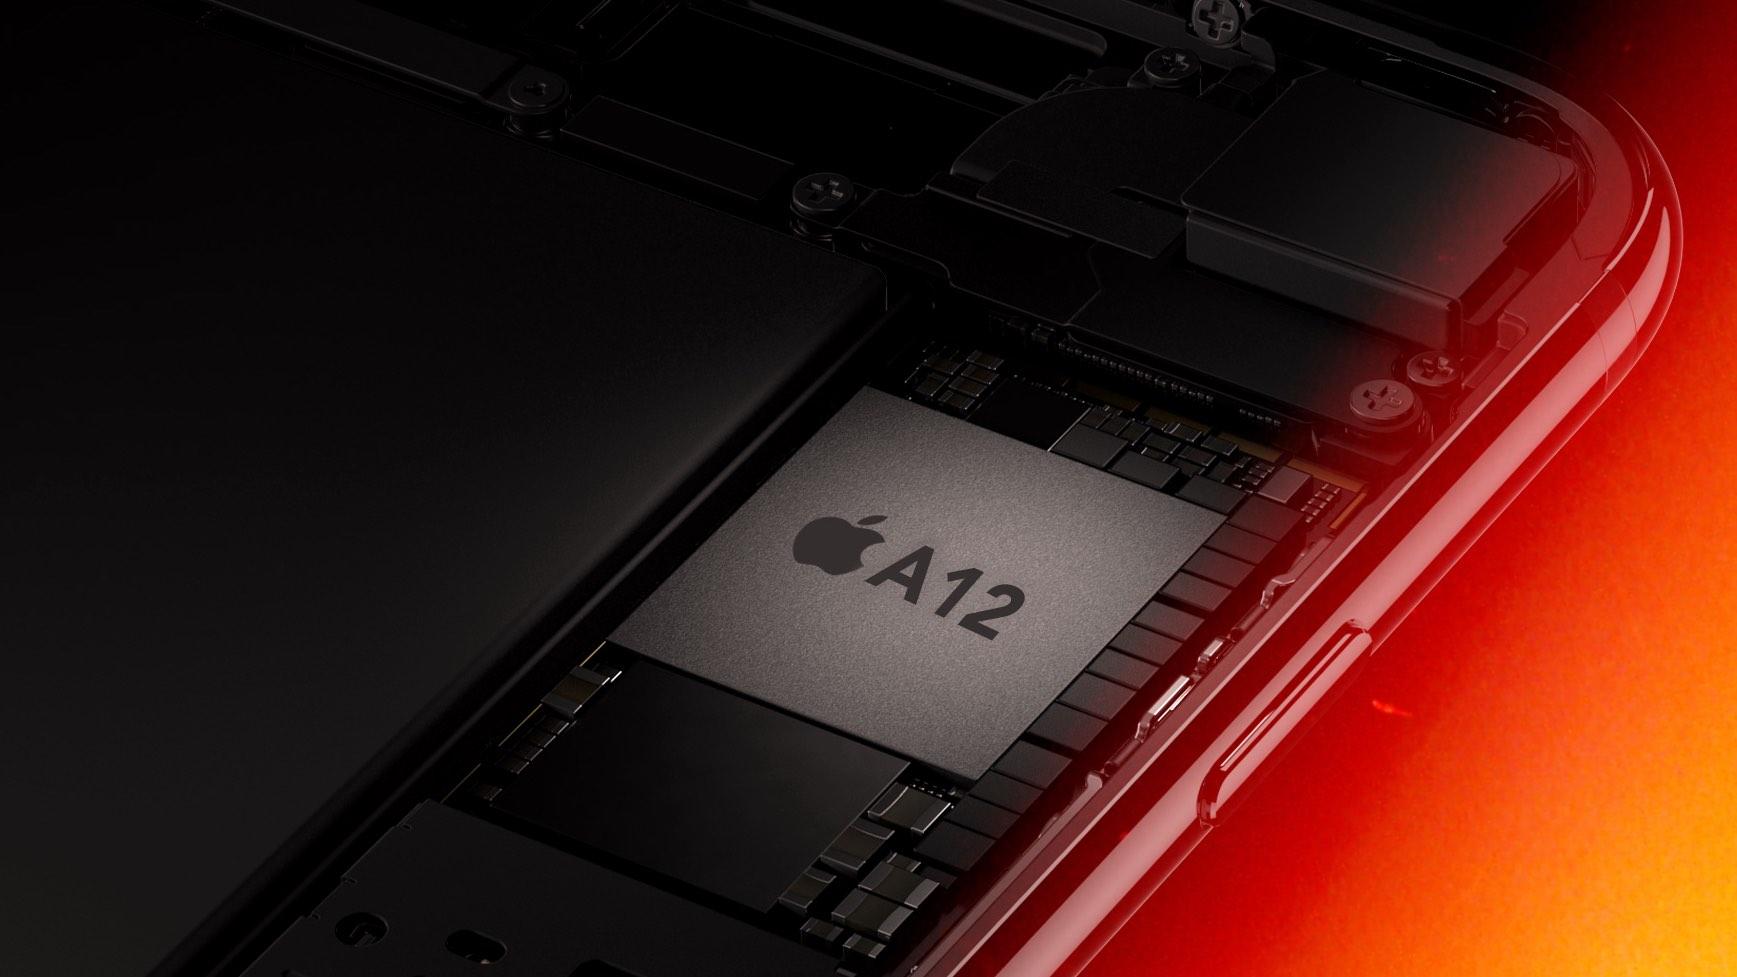 Apple рассказала, зачем тестирует процессоры при температуре 110 градусов